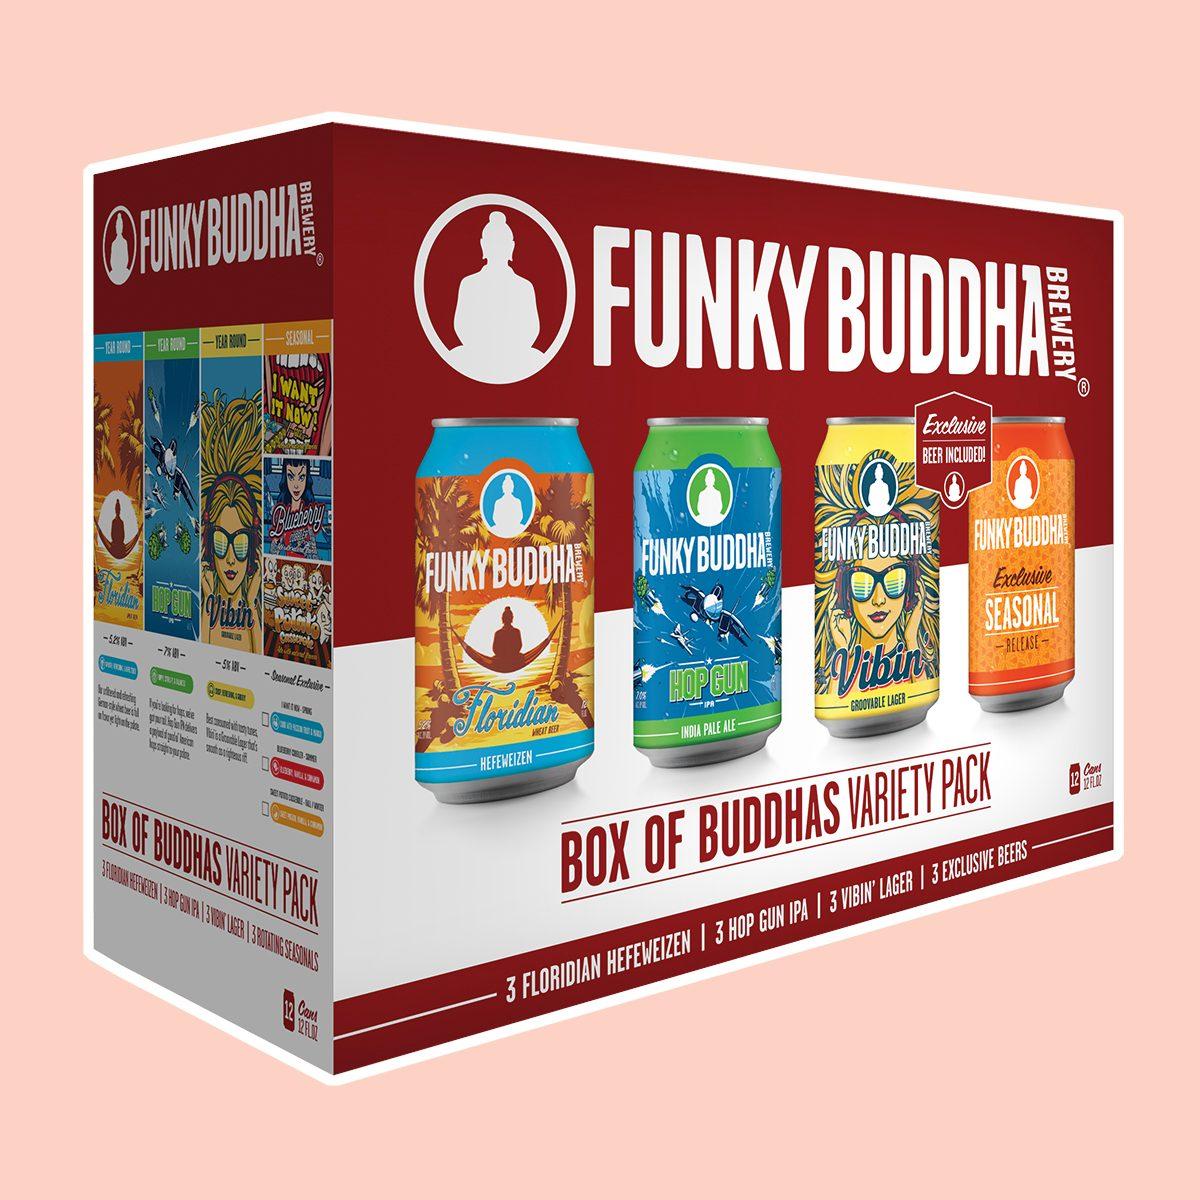 Funky Buddha Box Of Buddhas Variety Pack